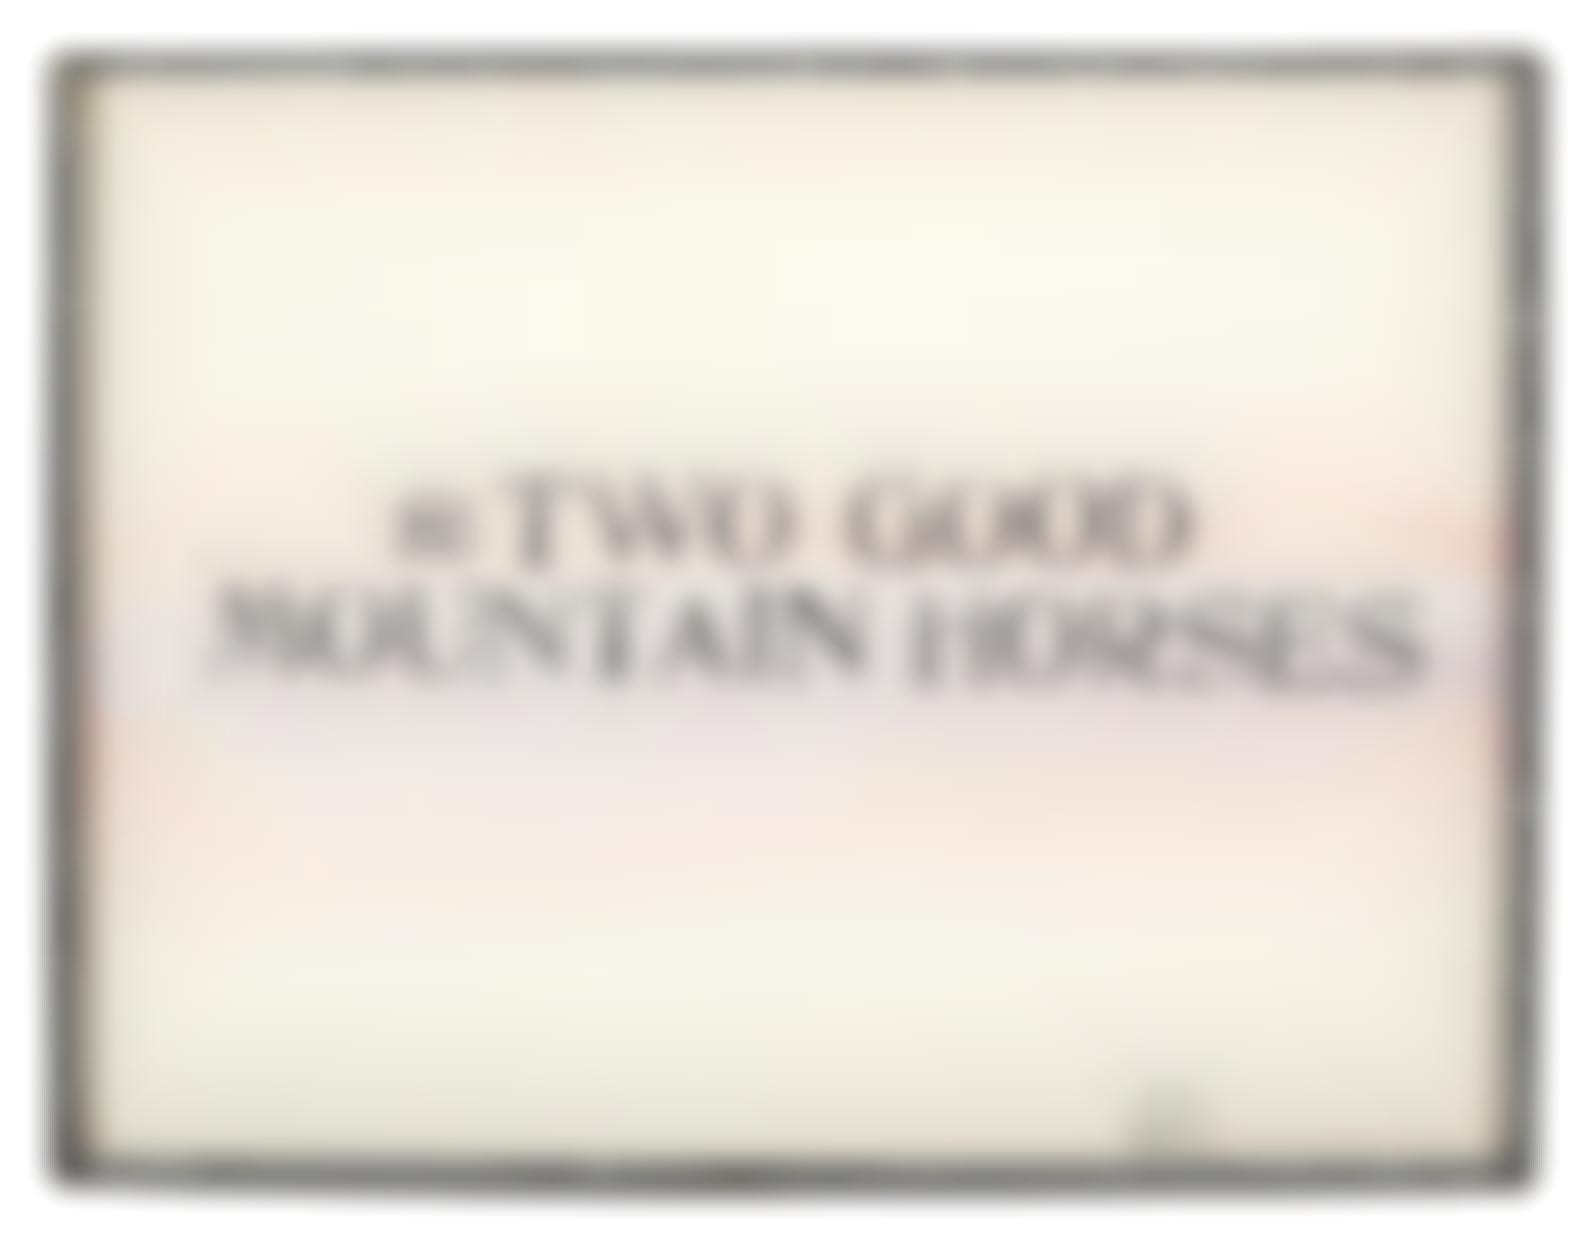 Edward Kienholz-For Two Good Mountain Horses-1969